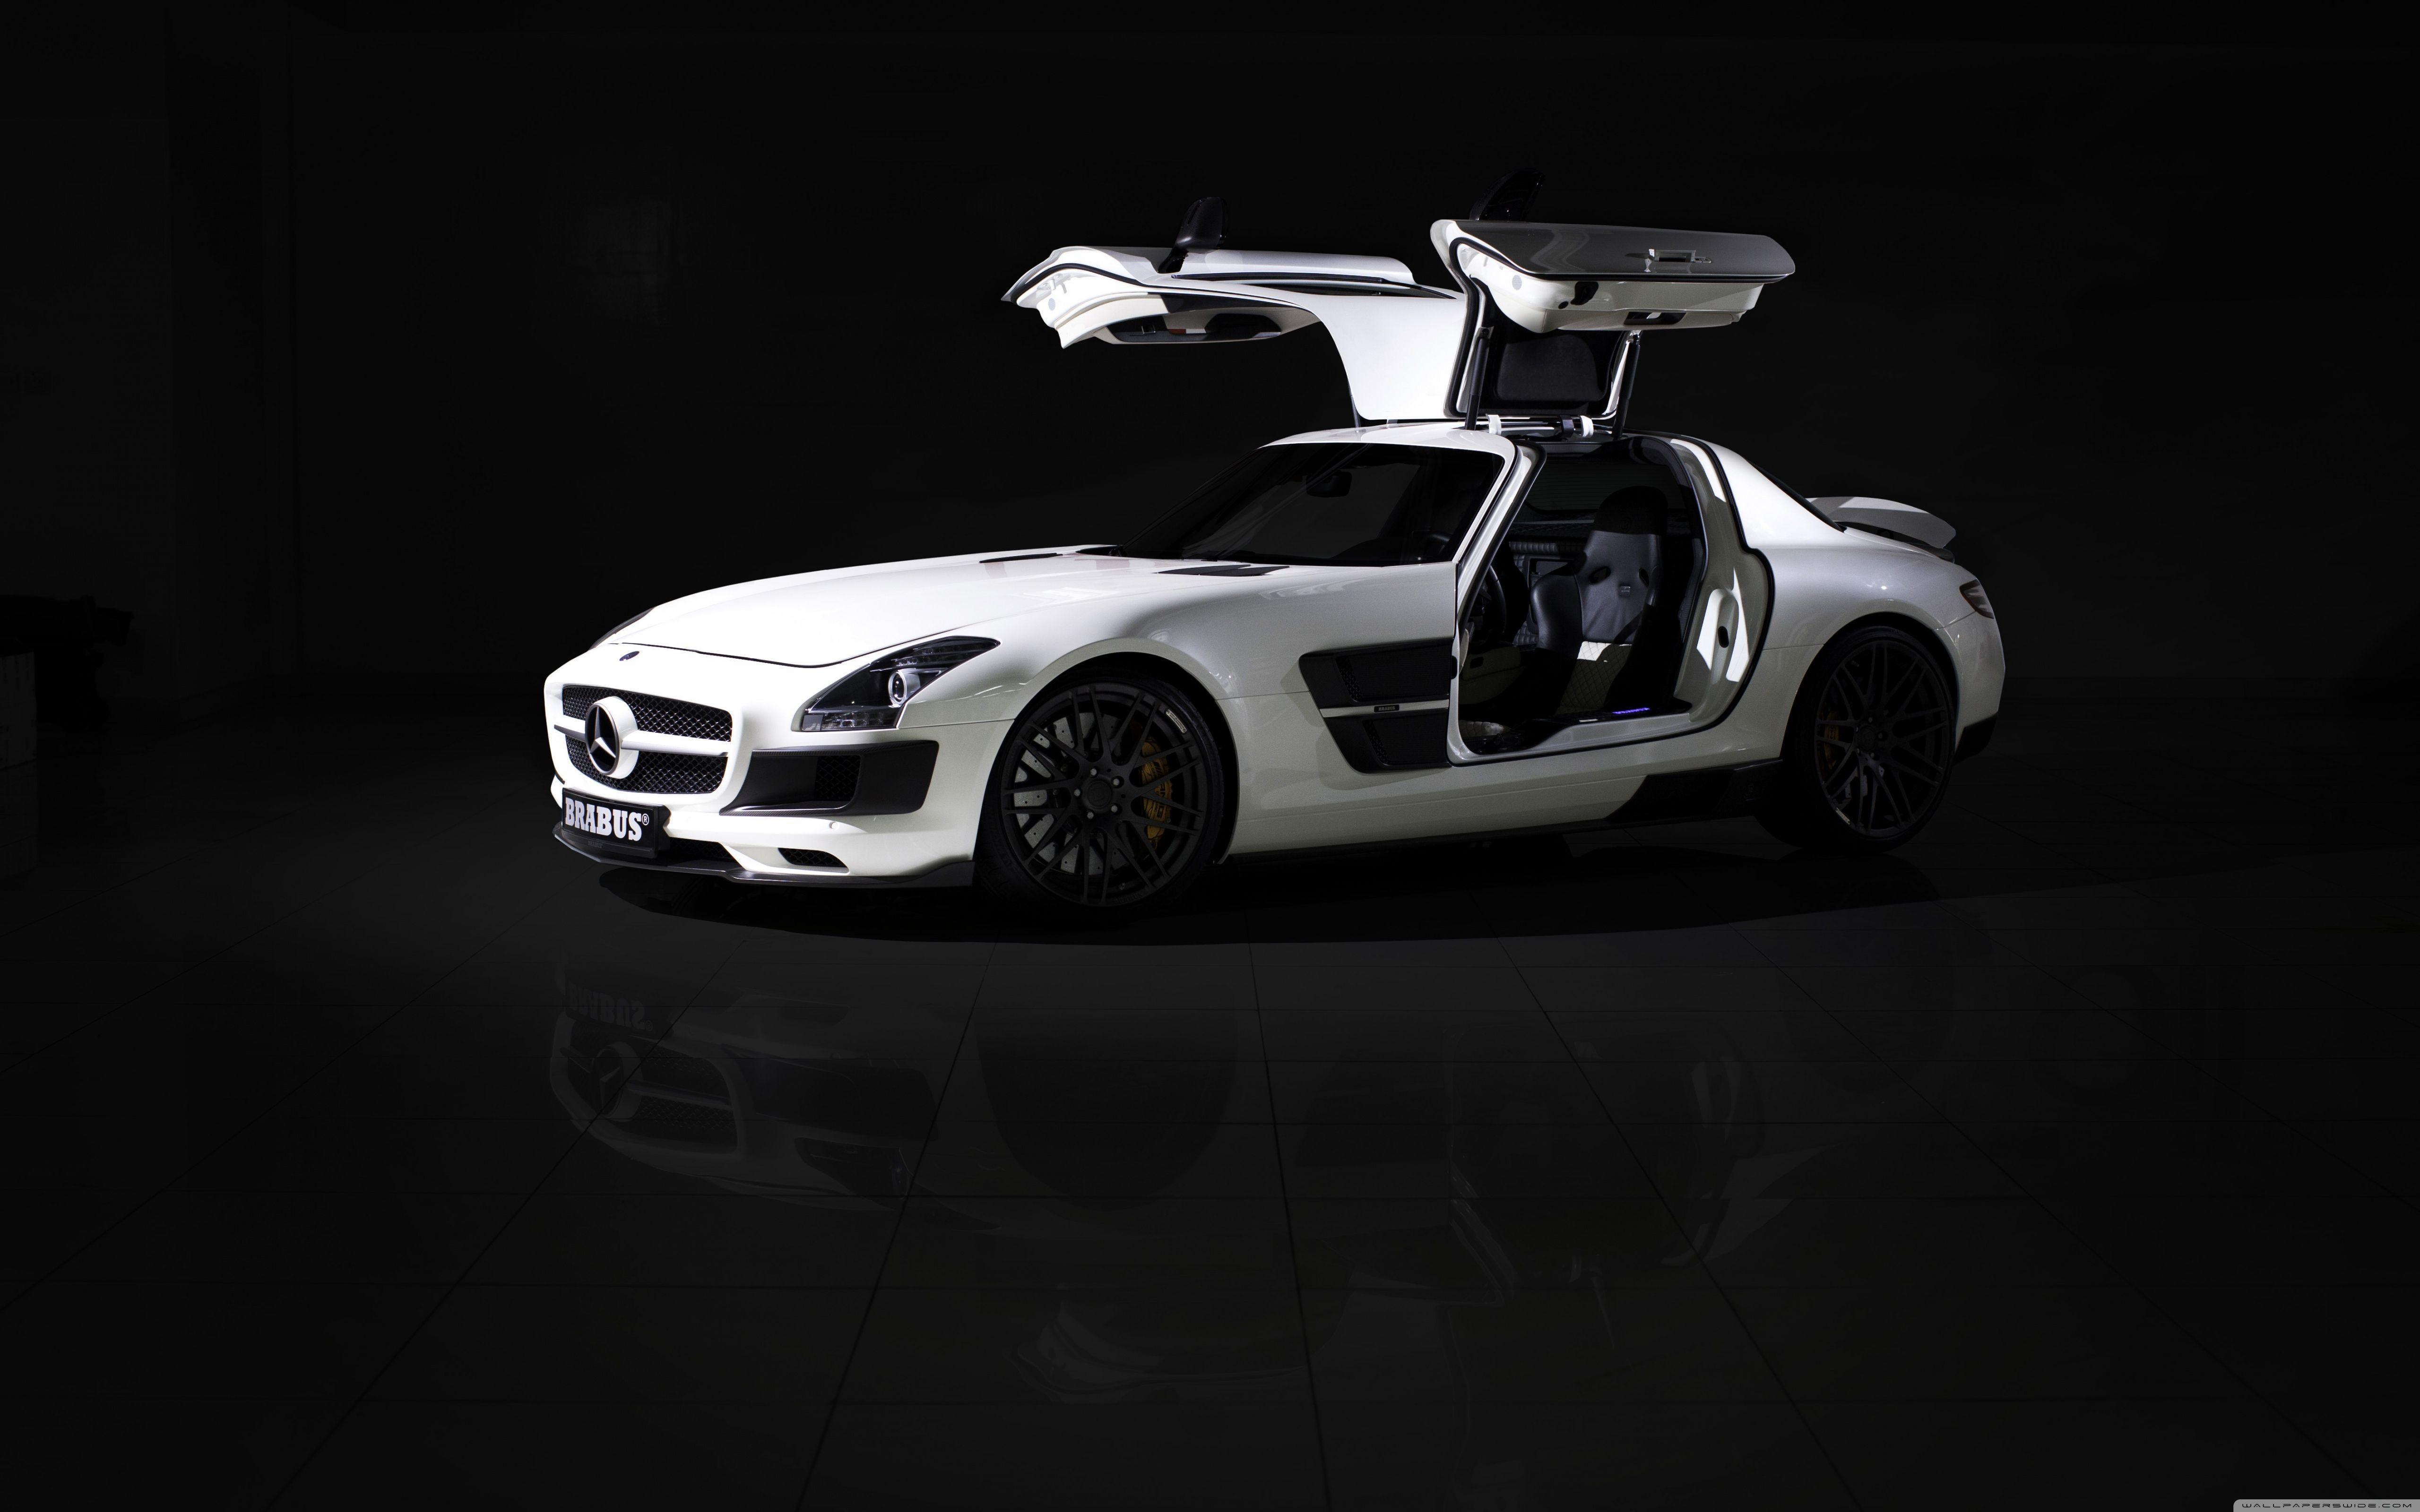 Mercedes Benz Car Wallpapers Hd Desktop And Mobile: Mercedes-Benz Wallpapers